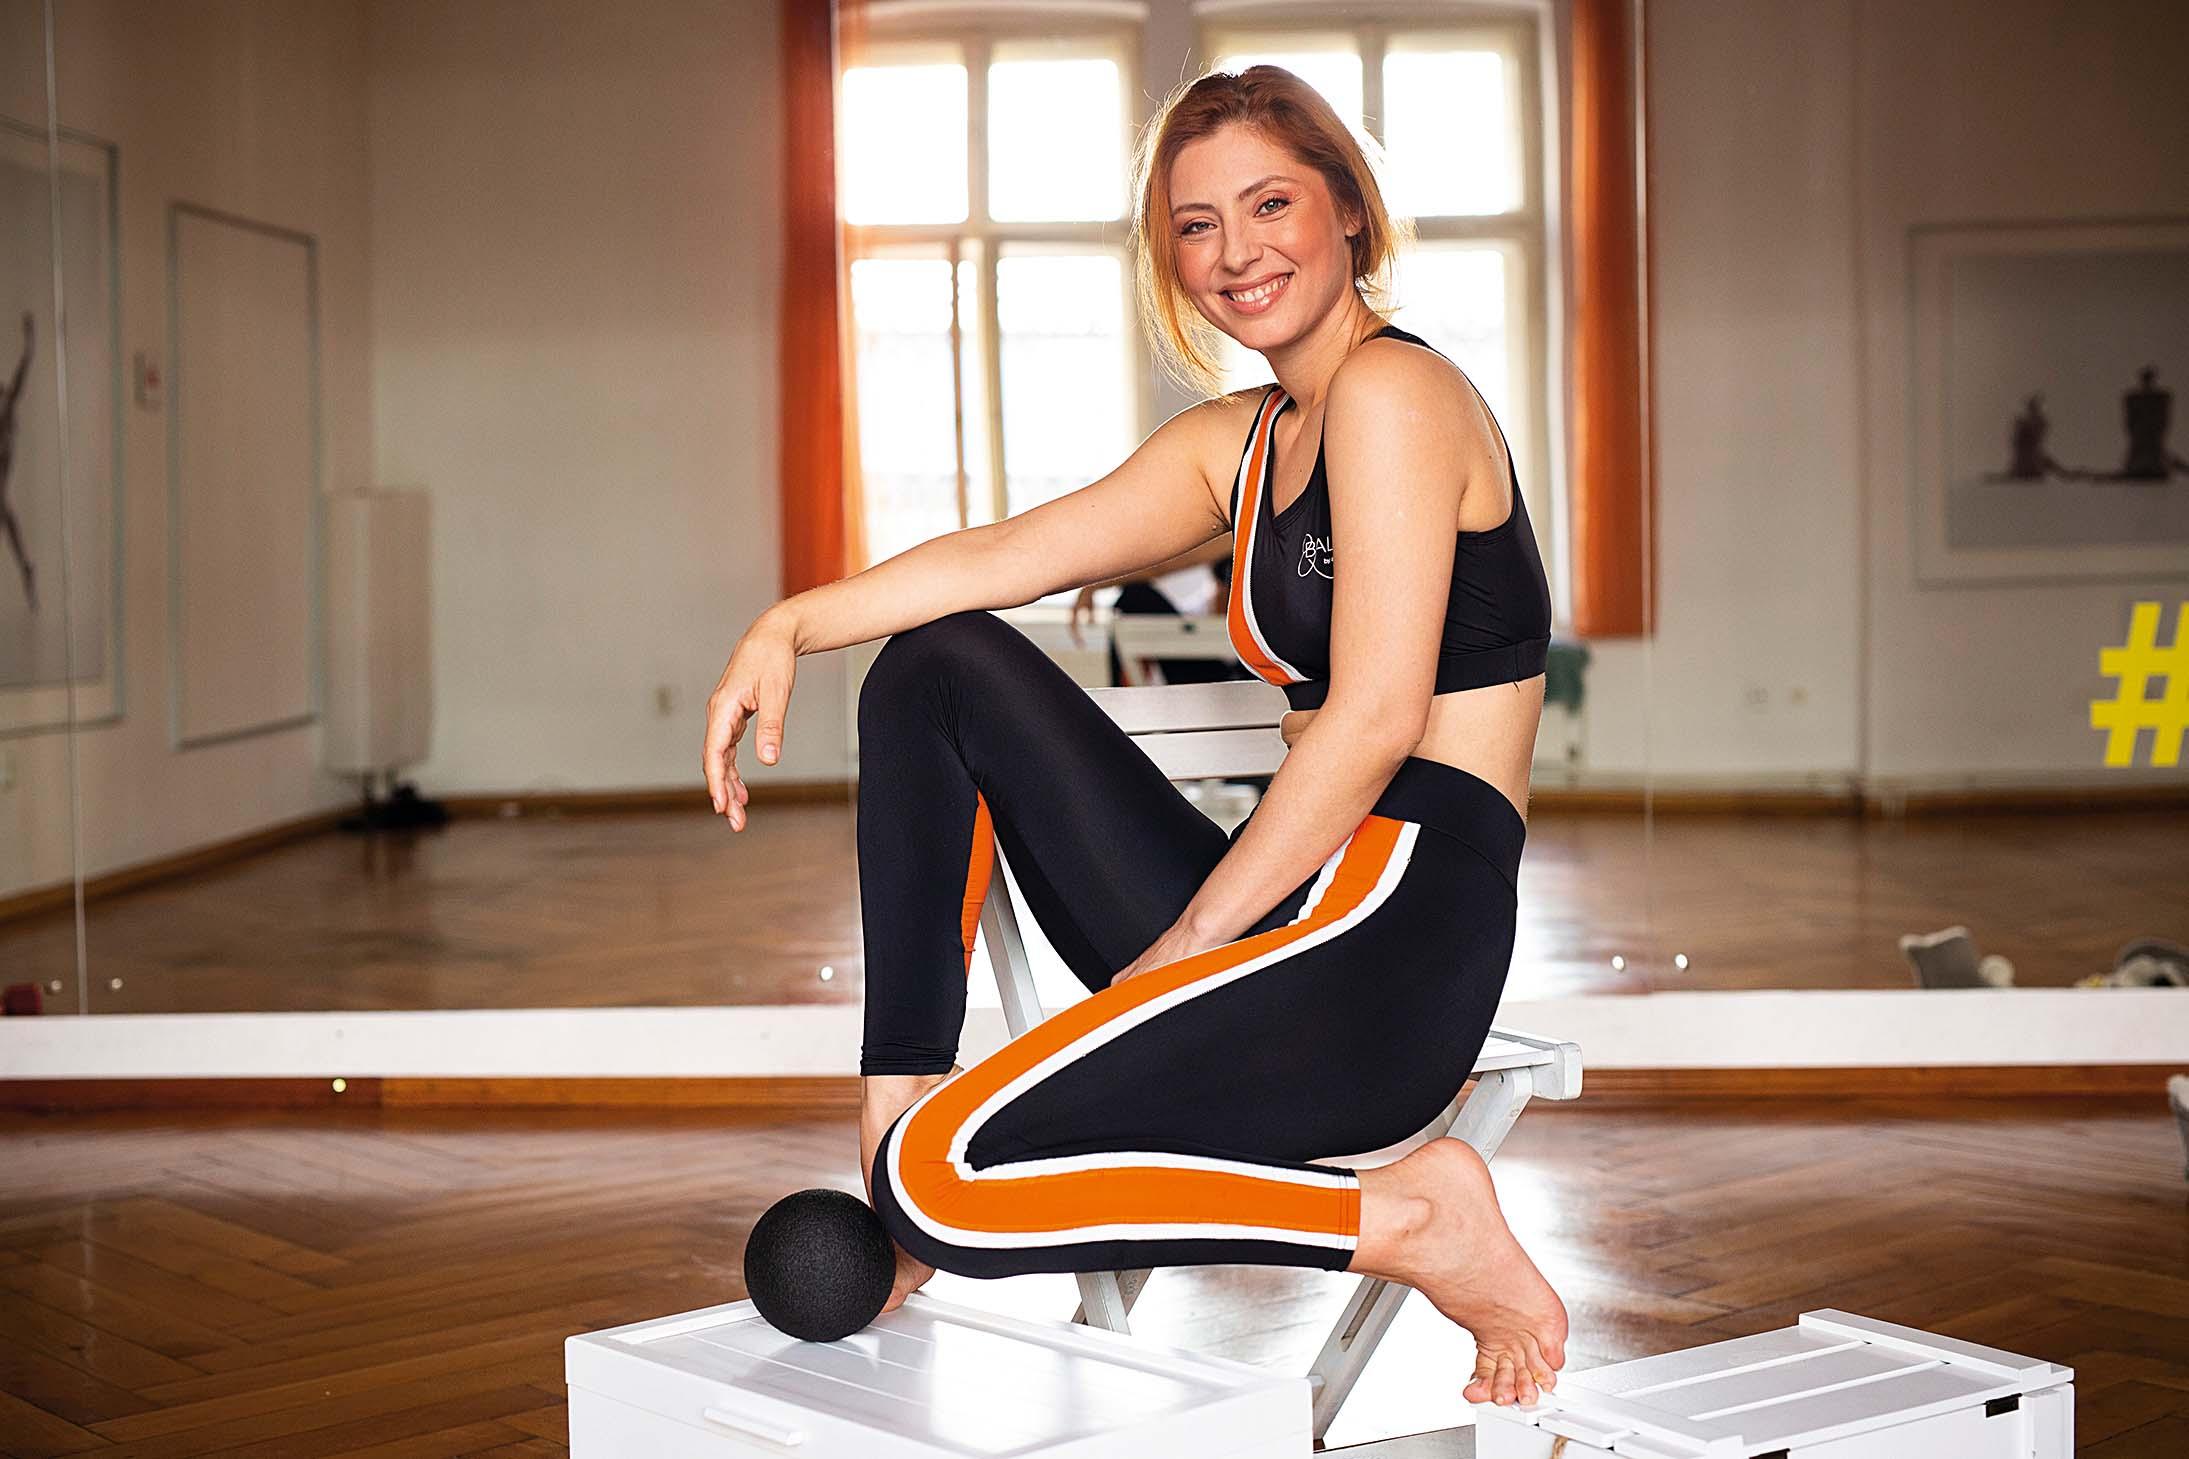 Otkako plešem balet, poboljšalo mi se  držanje, a mišići supoprimili ljepši, vretenastiji oblik, kaže Judita Franković